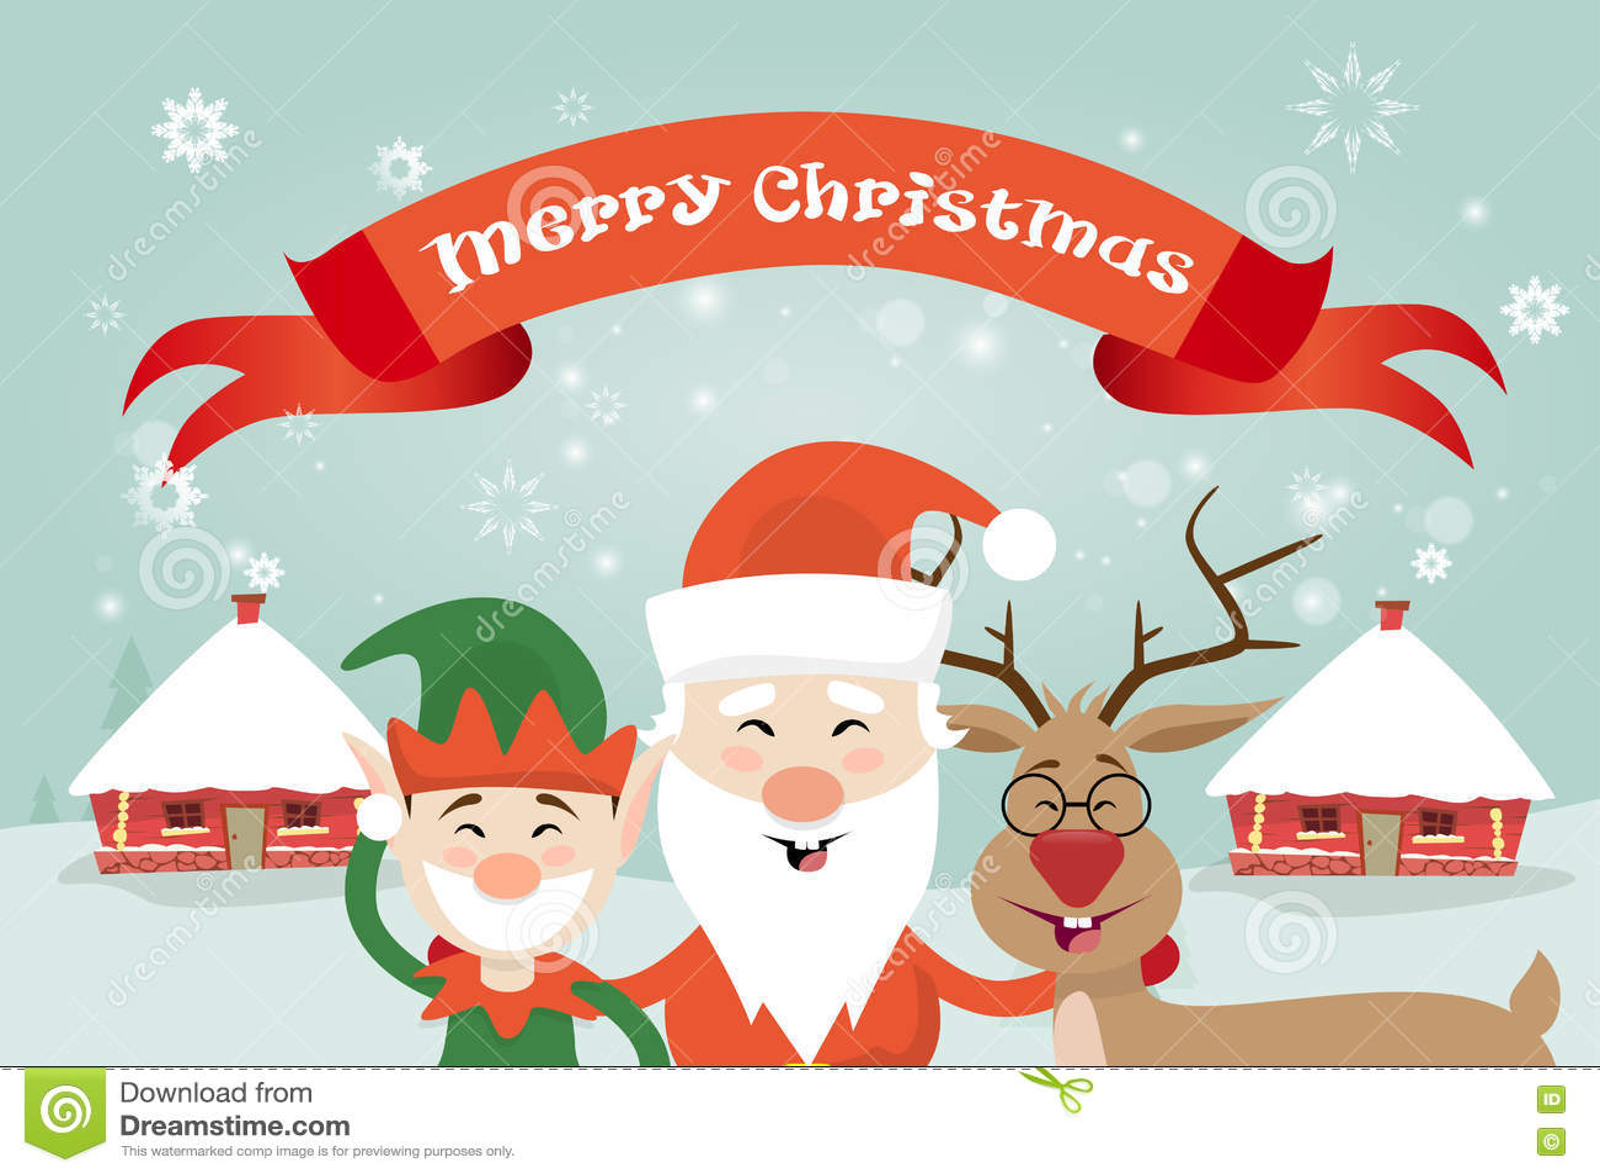 feliz navidad santa clause reindeer elf character sobre tarjeta de felicitacin del cartel del pueblo de